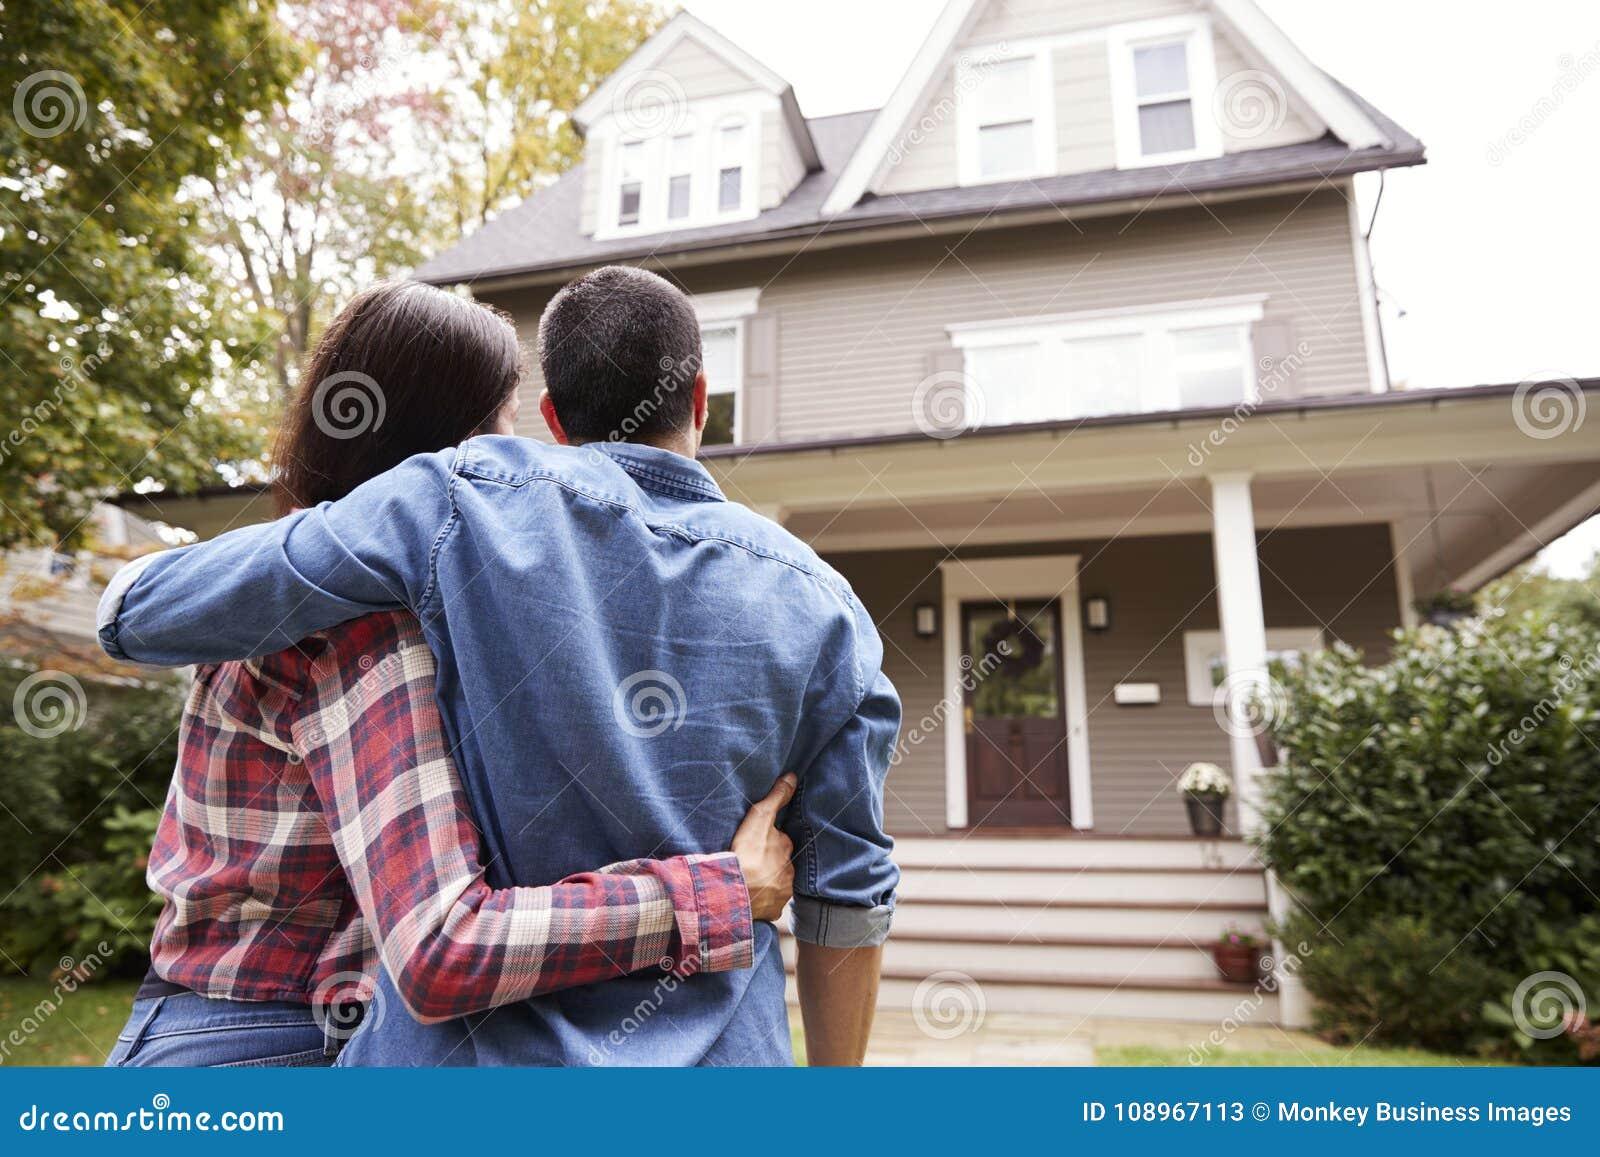 Οπισθοσκόπος της αγάπης του ζεύγους που εξετάζει το σπίτι